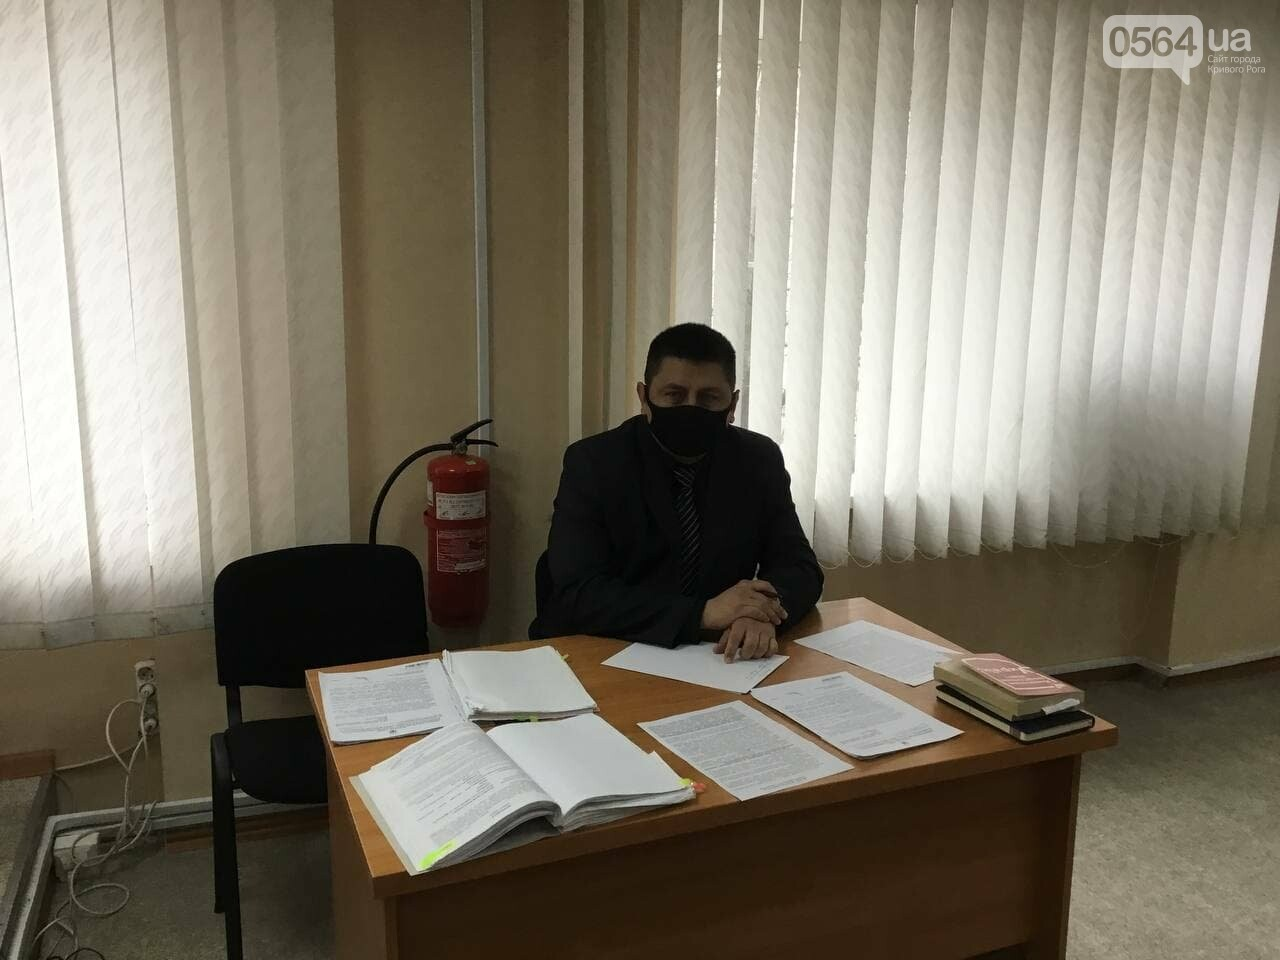 В суде по делу о конфликте между криворожским активистом и муниципальным гвардейцем допросили одного из свидетелей, - ФОТО, ВИДЕО, фото-4